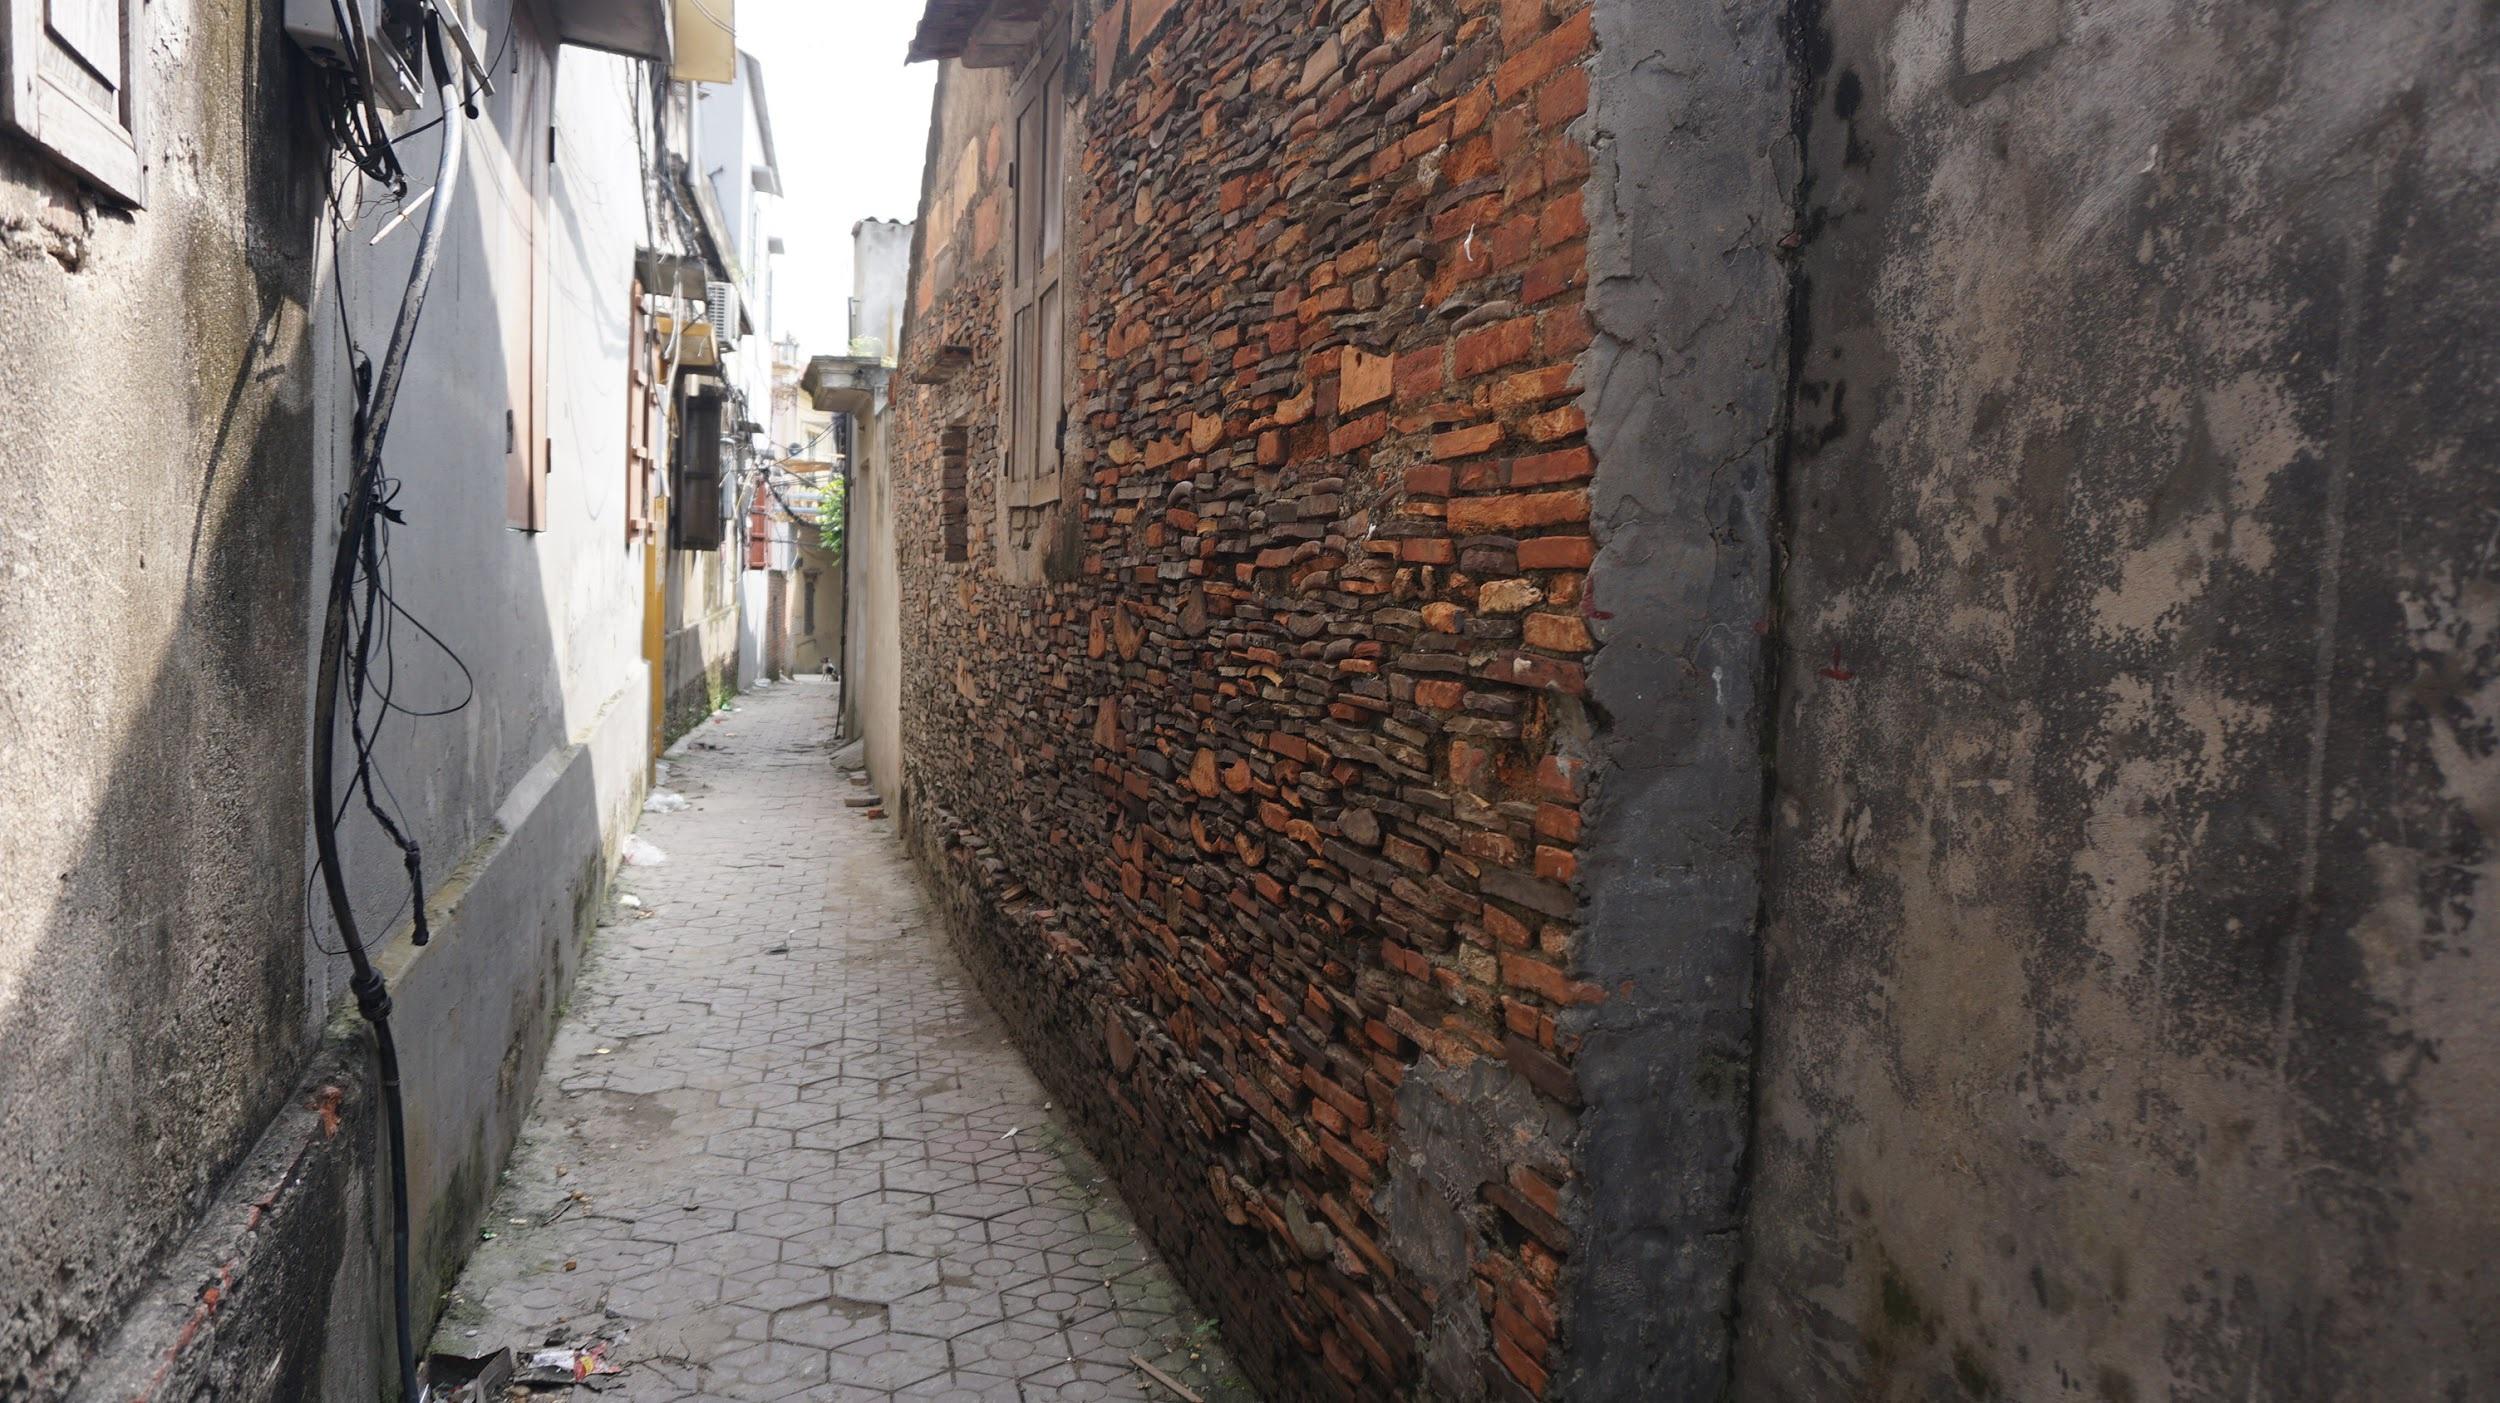 Kỳ lạ làng có những ngôi nhà xây bằng tiểu sành độc nhất ở Việt Nam - 9